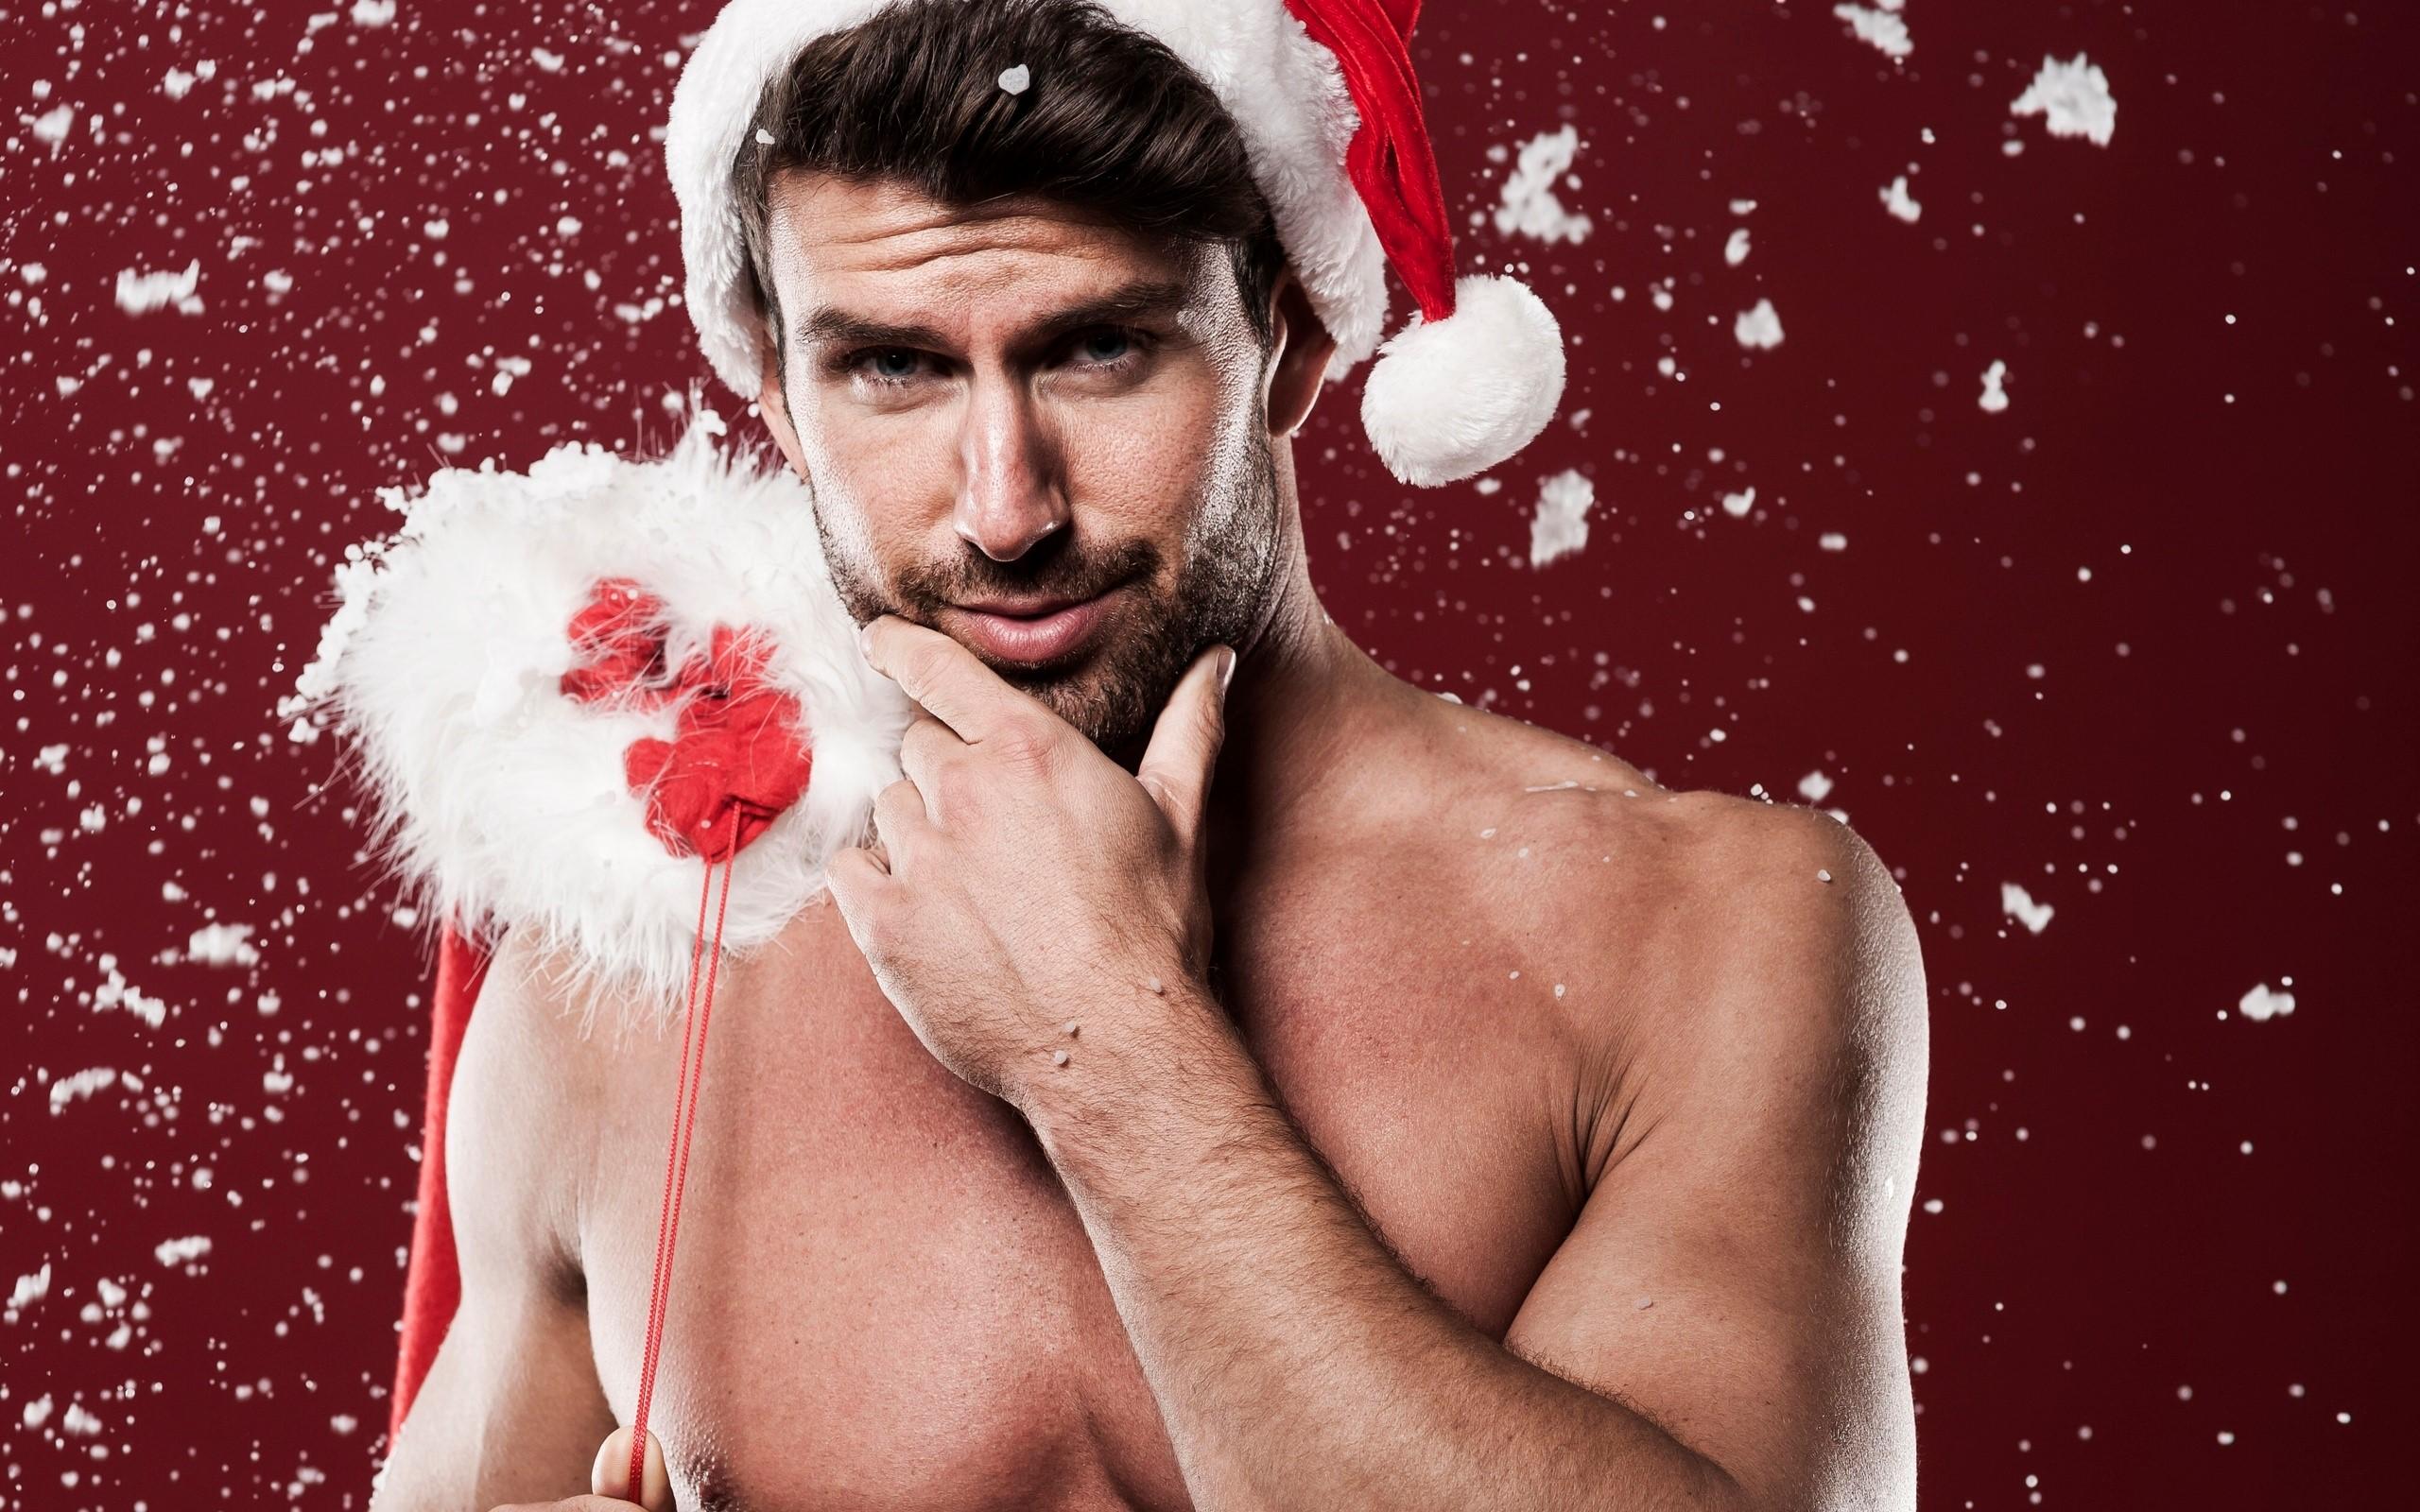 Картинки, картинки на аватар для мужчин прикольные новогодние